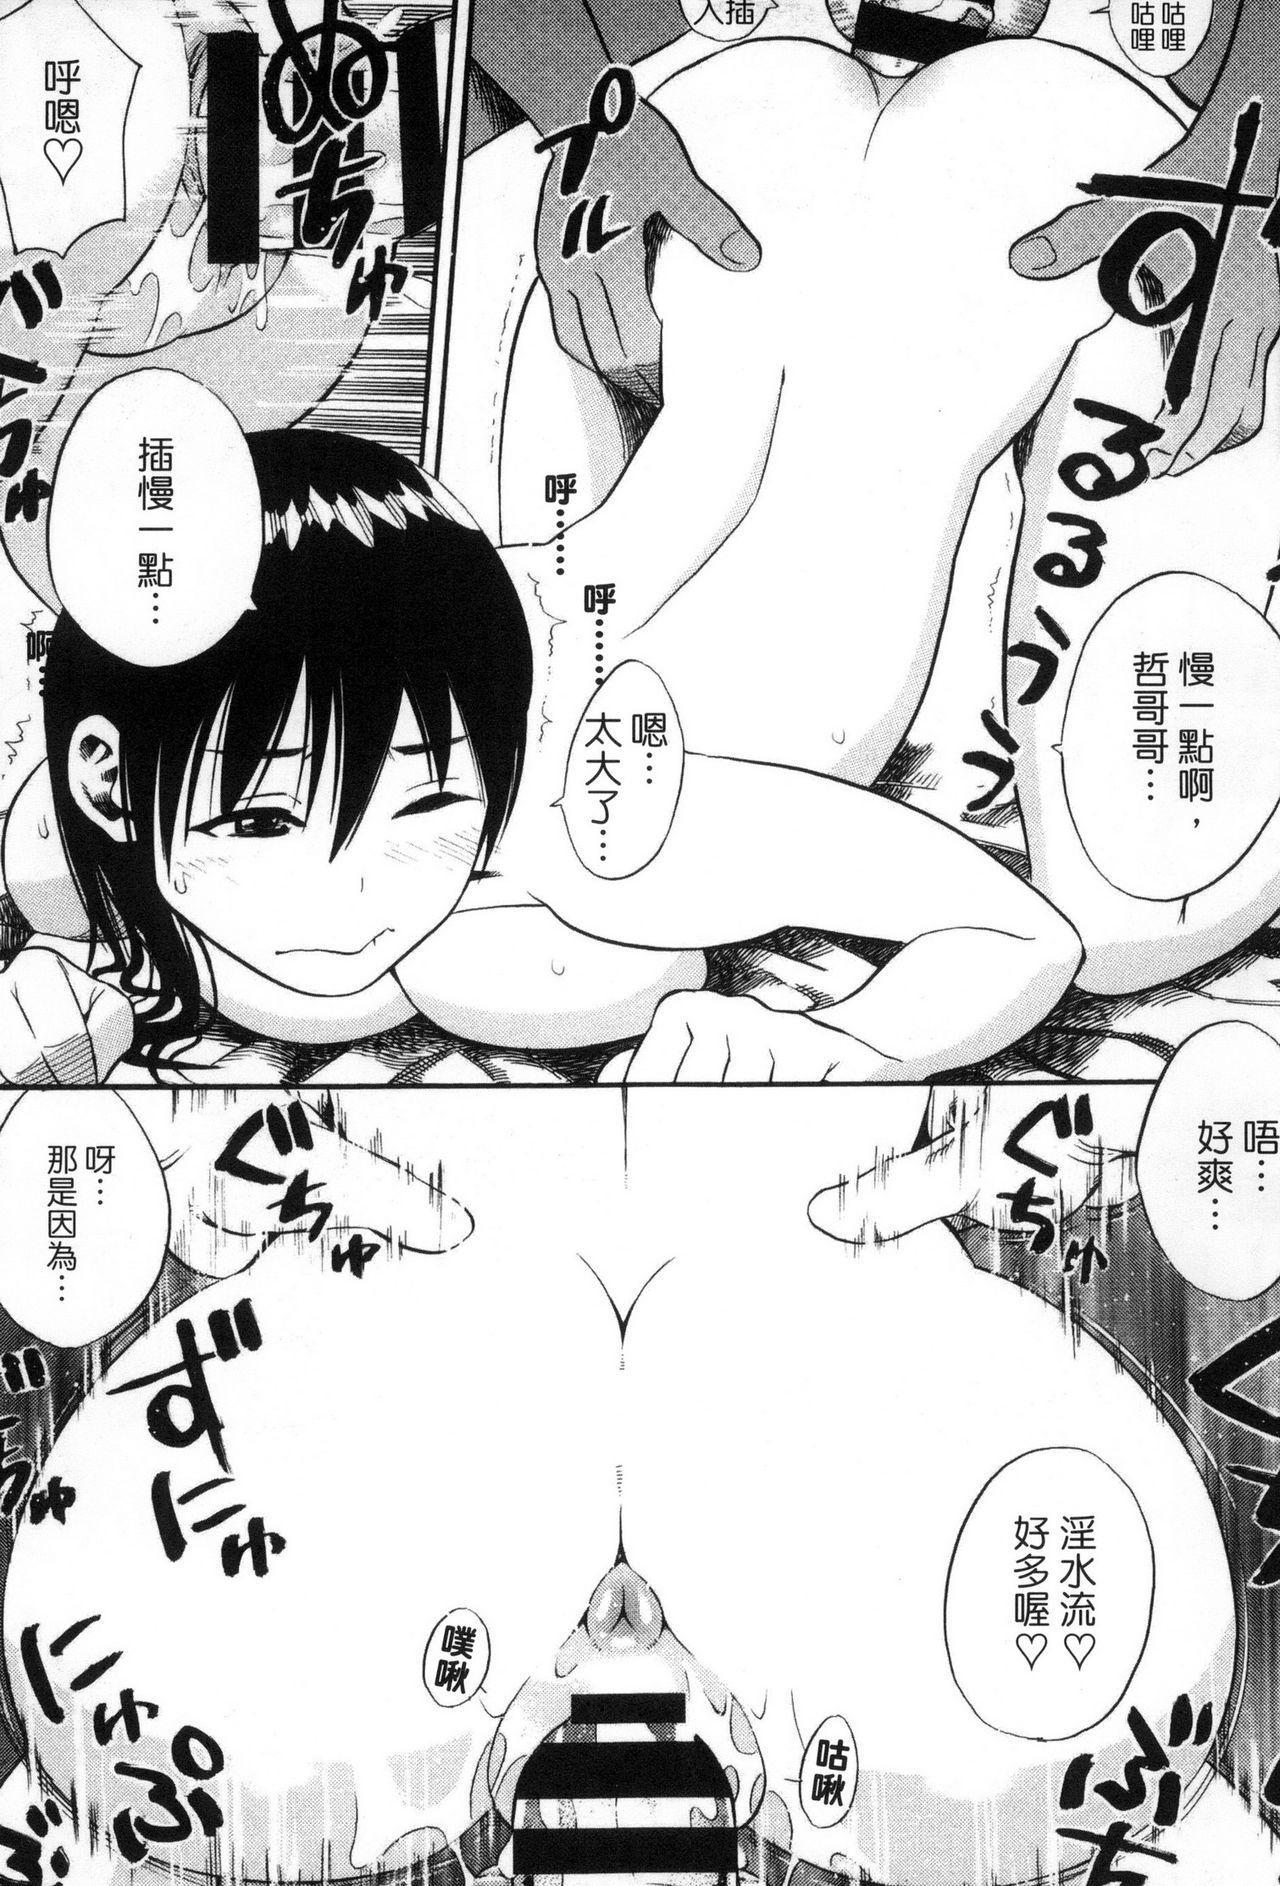 Getsu Ka Sui Moku Kin Do Ecchi 169